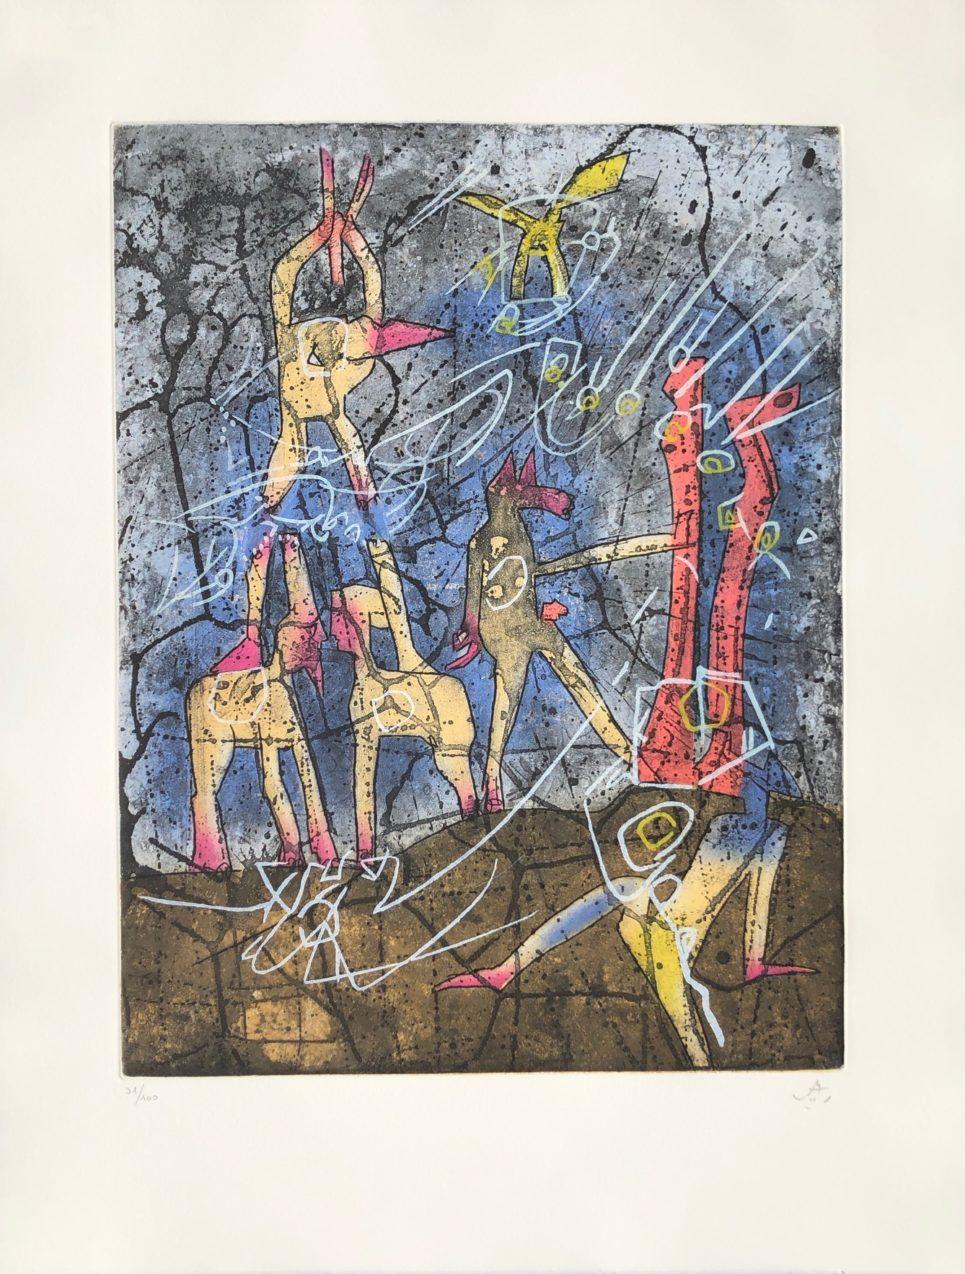 l'ame du tarot de theleme 4 by roberto matta